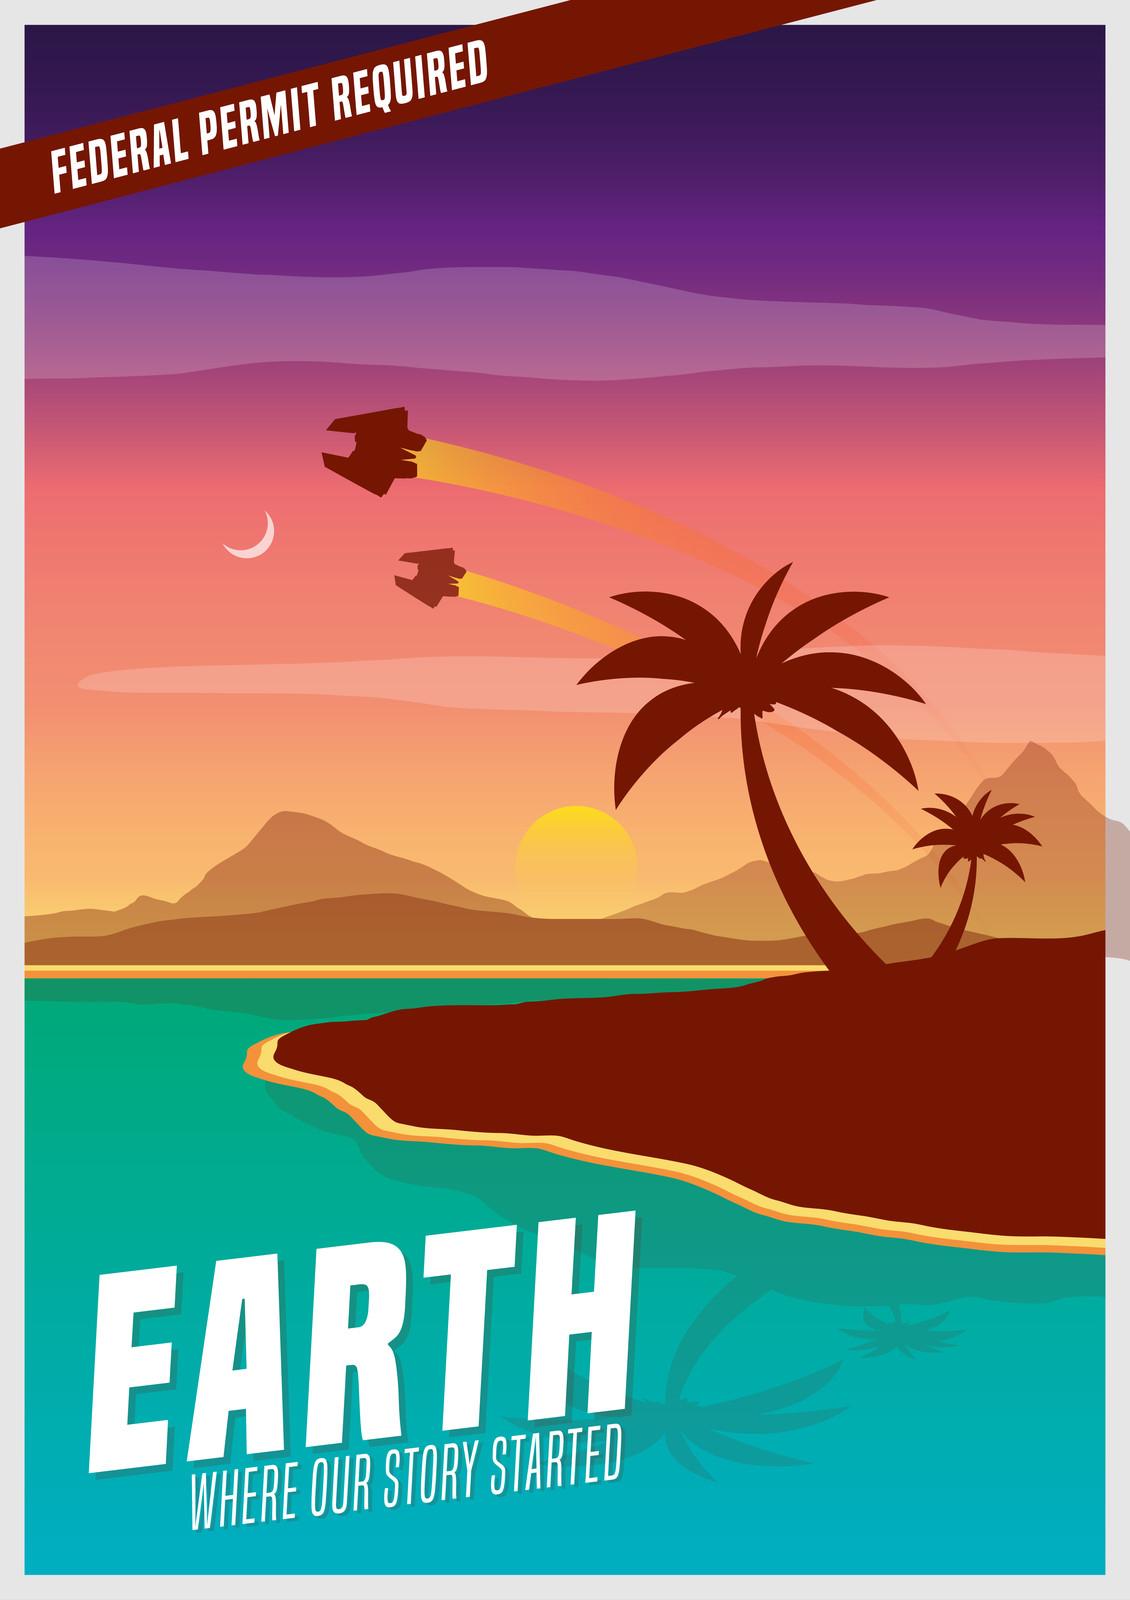 Elite Dangerous - Earth Tourism Poster